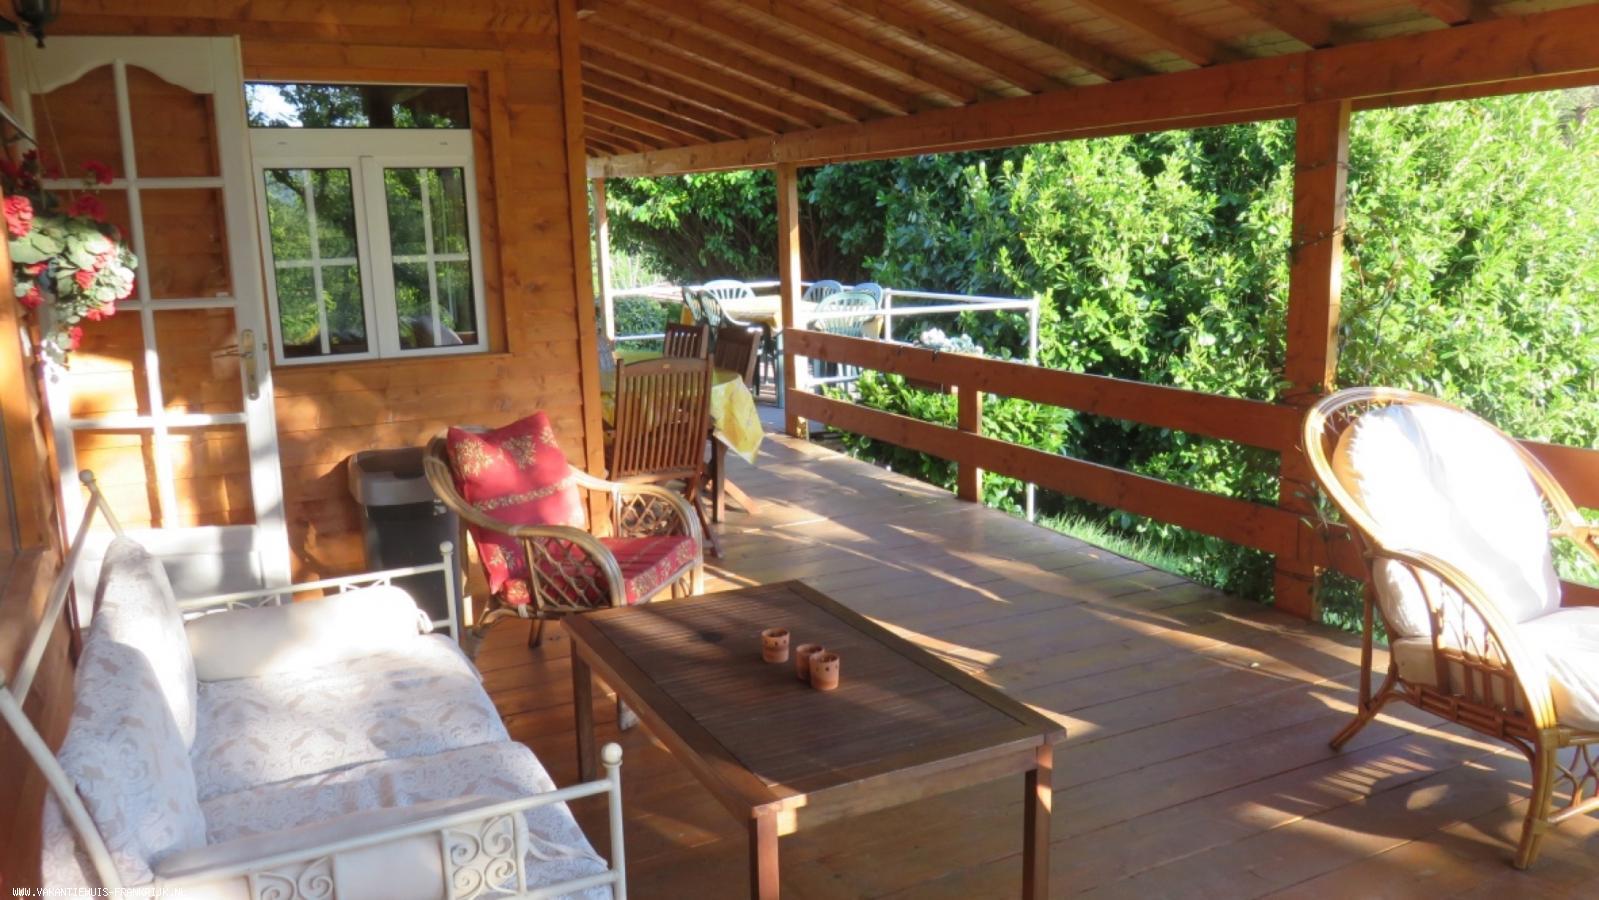 Vakantiehuis: ARDECHE: Ruime gîte op groot terrein met zwembad samen met nog 3 gîtes. te huur voor uw vakantie in Ardeche (Frankrijk)